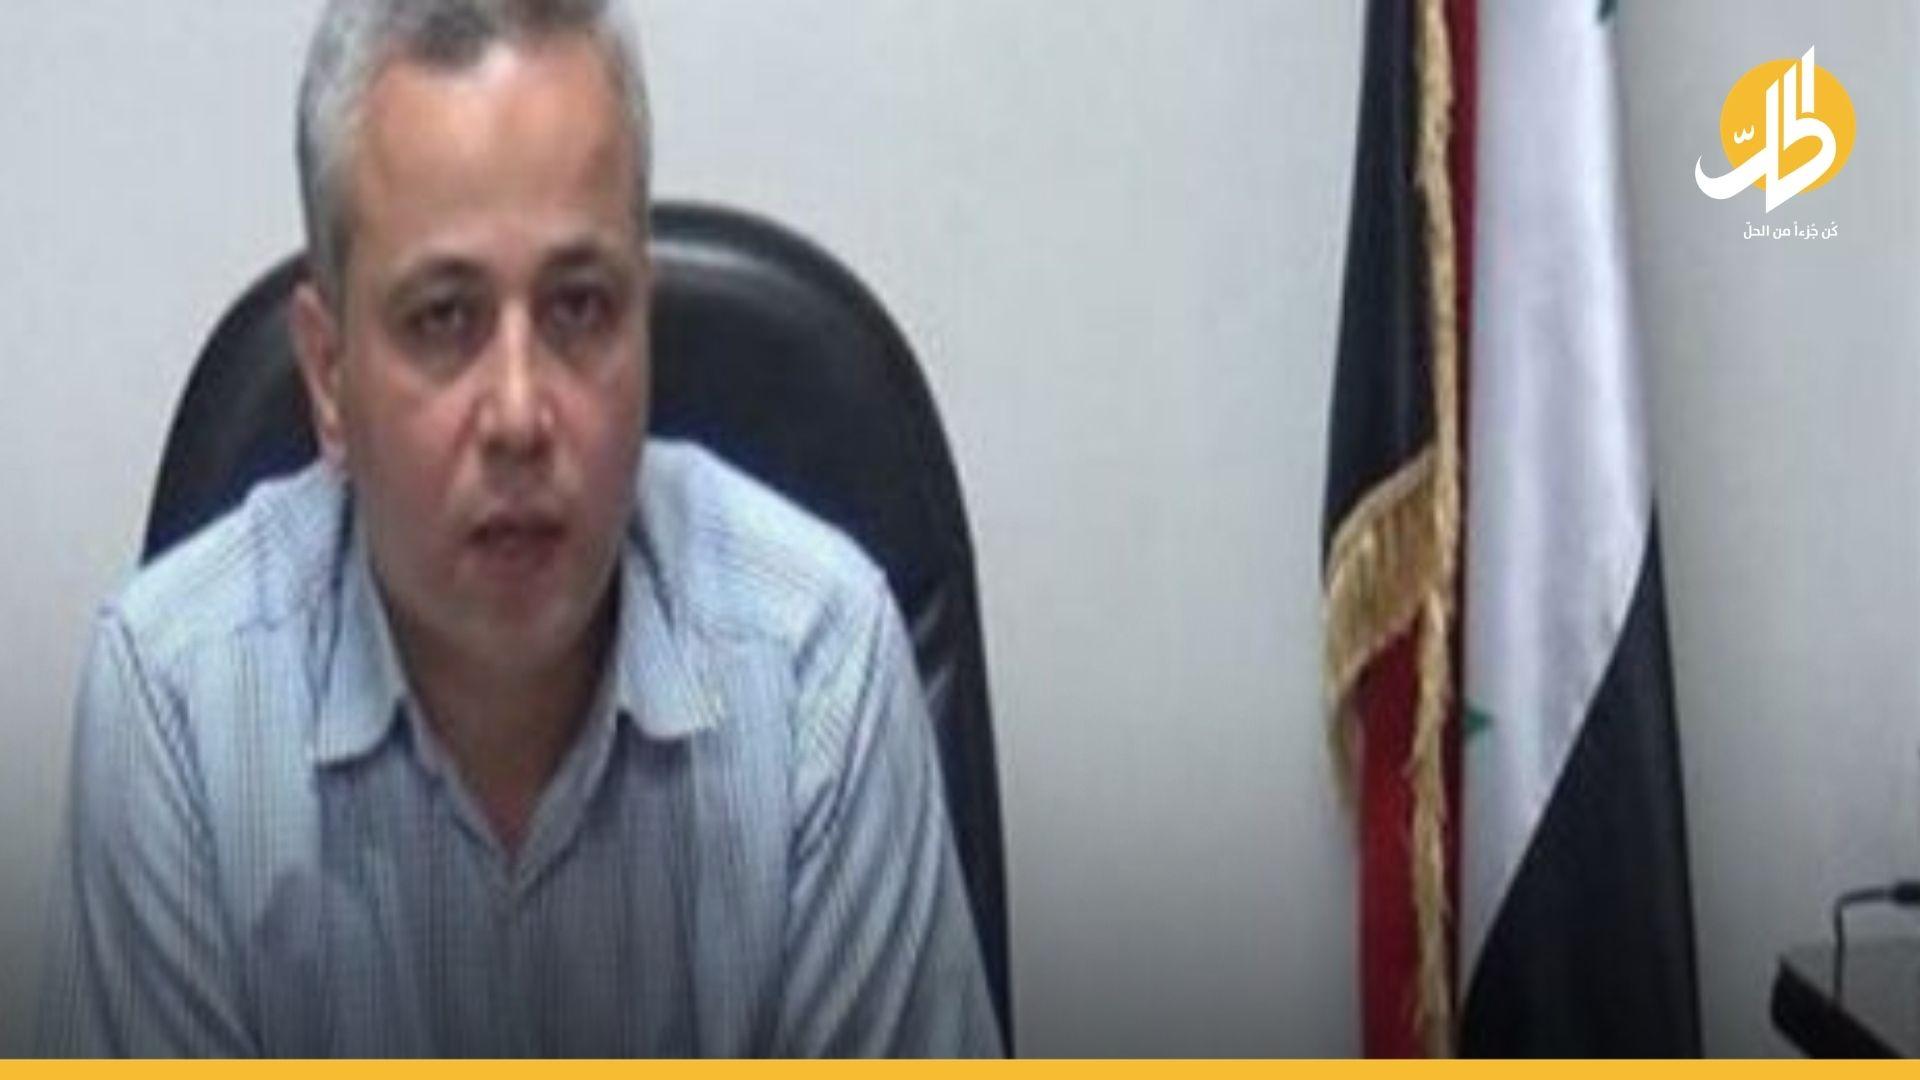 وزير يعد بالتحول الرقمي في ٢٠٣٠.. وسوريون: الحكومة تحلم والناس تموت جوعاً!